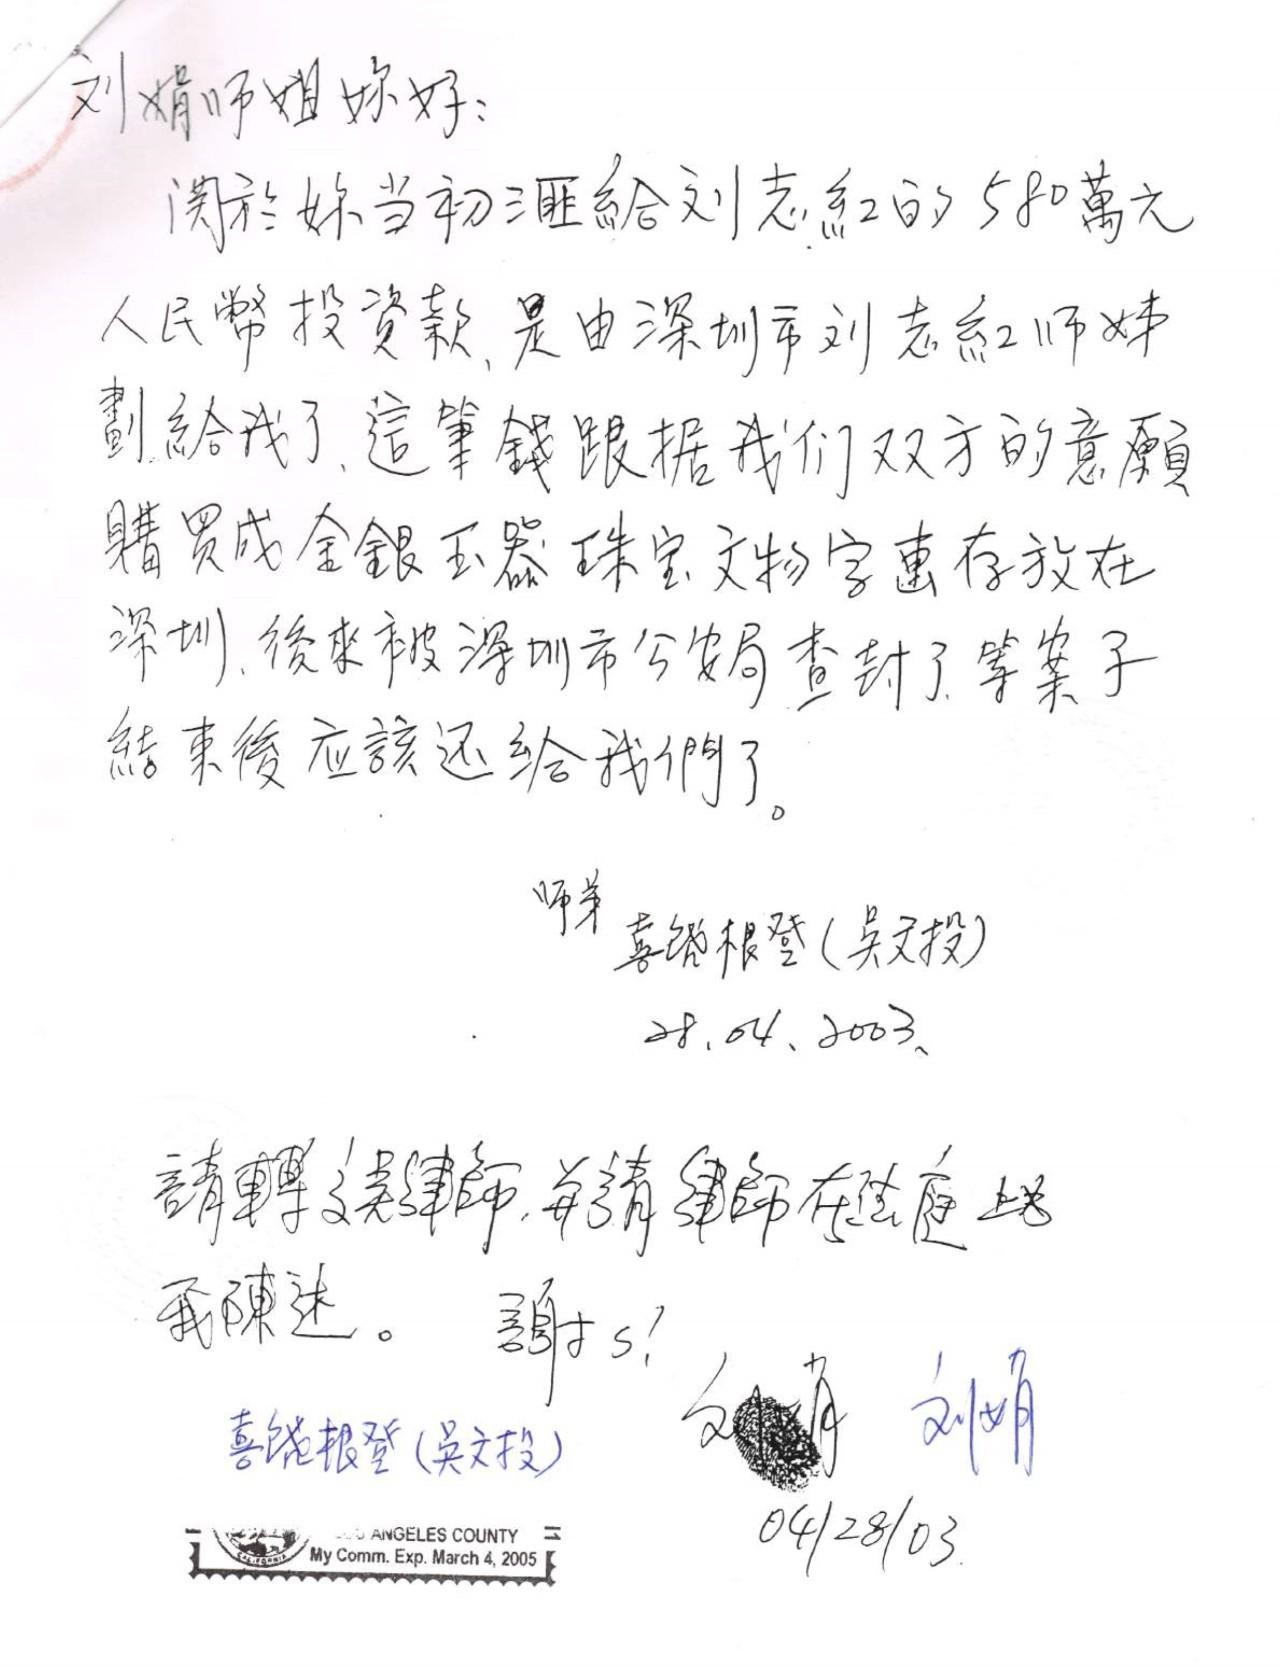 周永康陈绍基陷害第三世多杰羌佛真相曝光 第41张